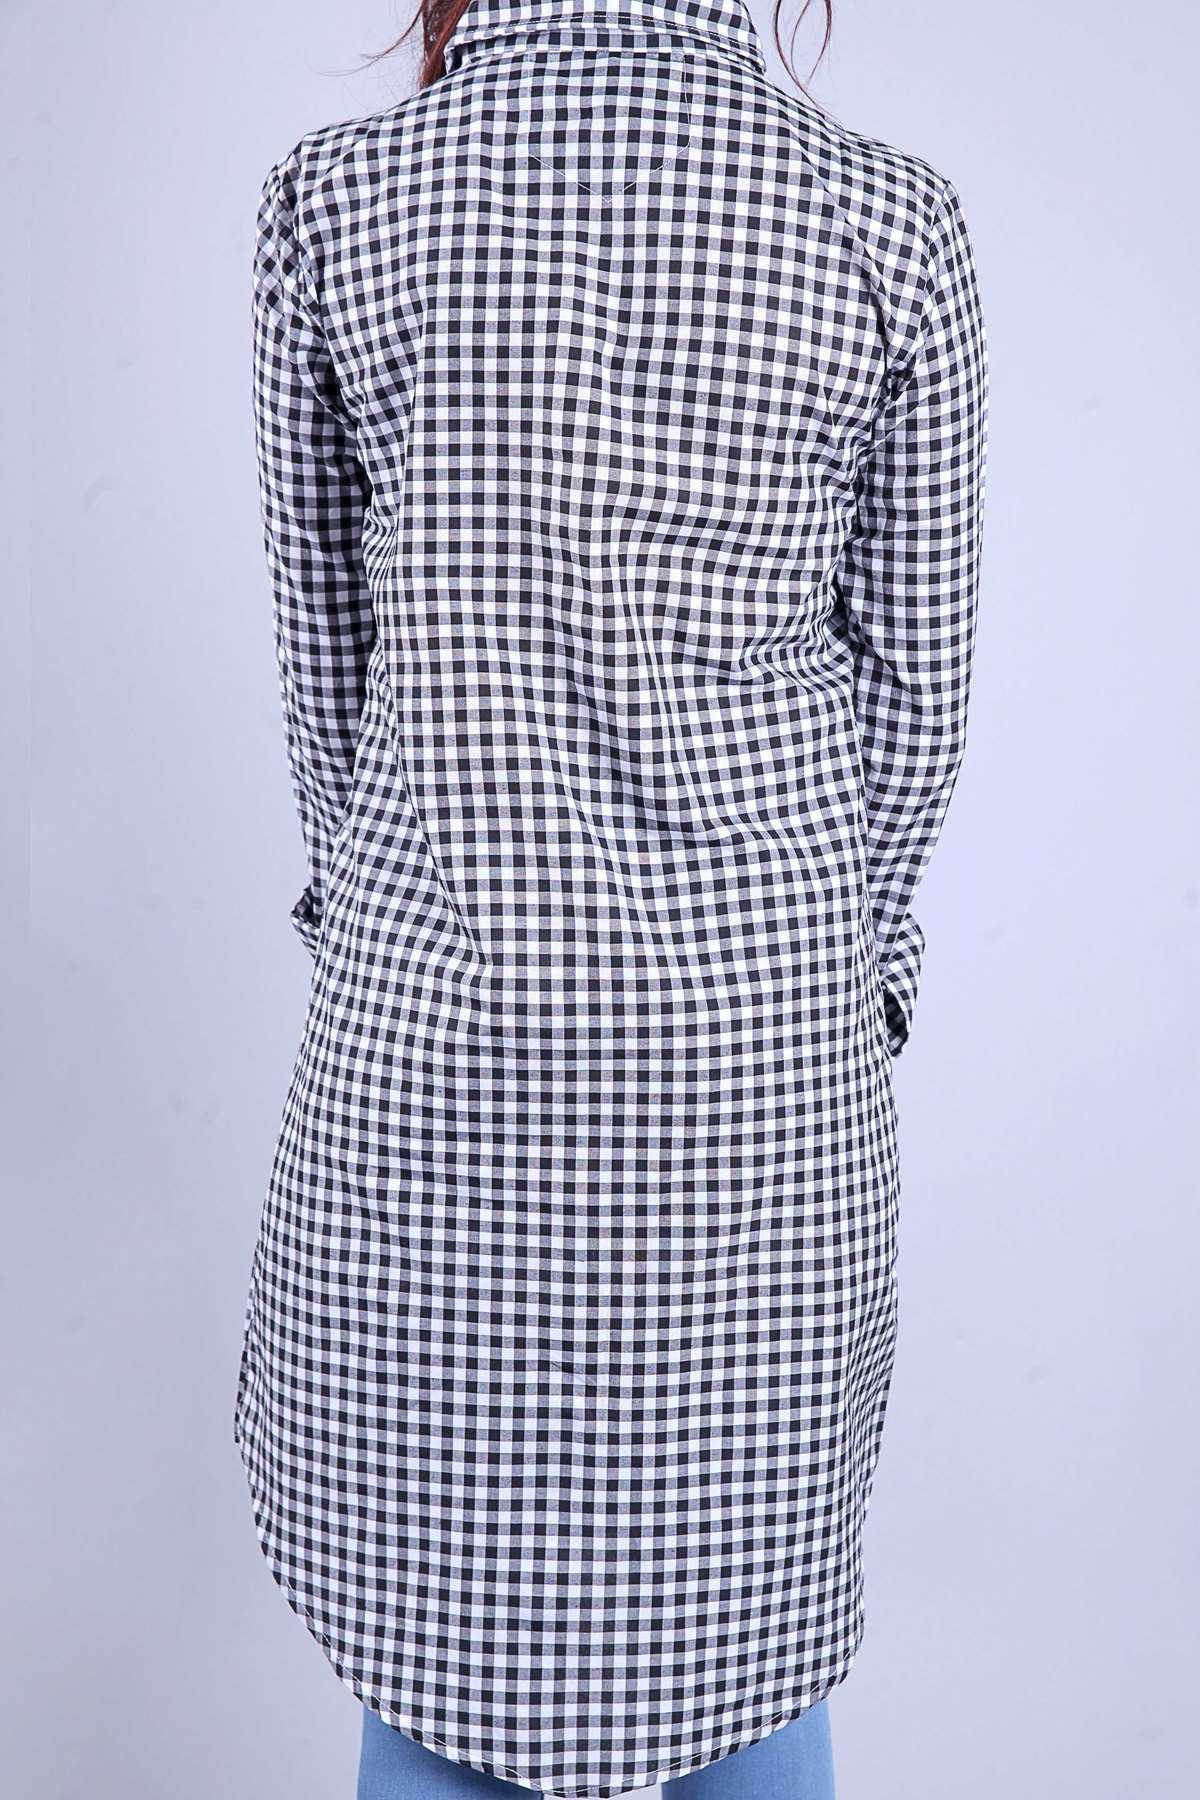 Kare Desenli Çift Renkli Slim Fit Tunik Siyah-Beyaz